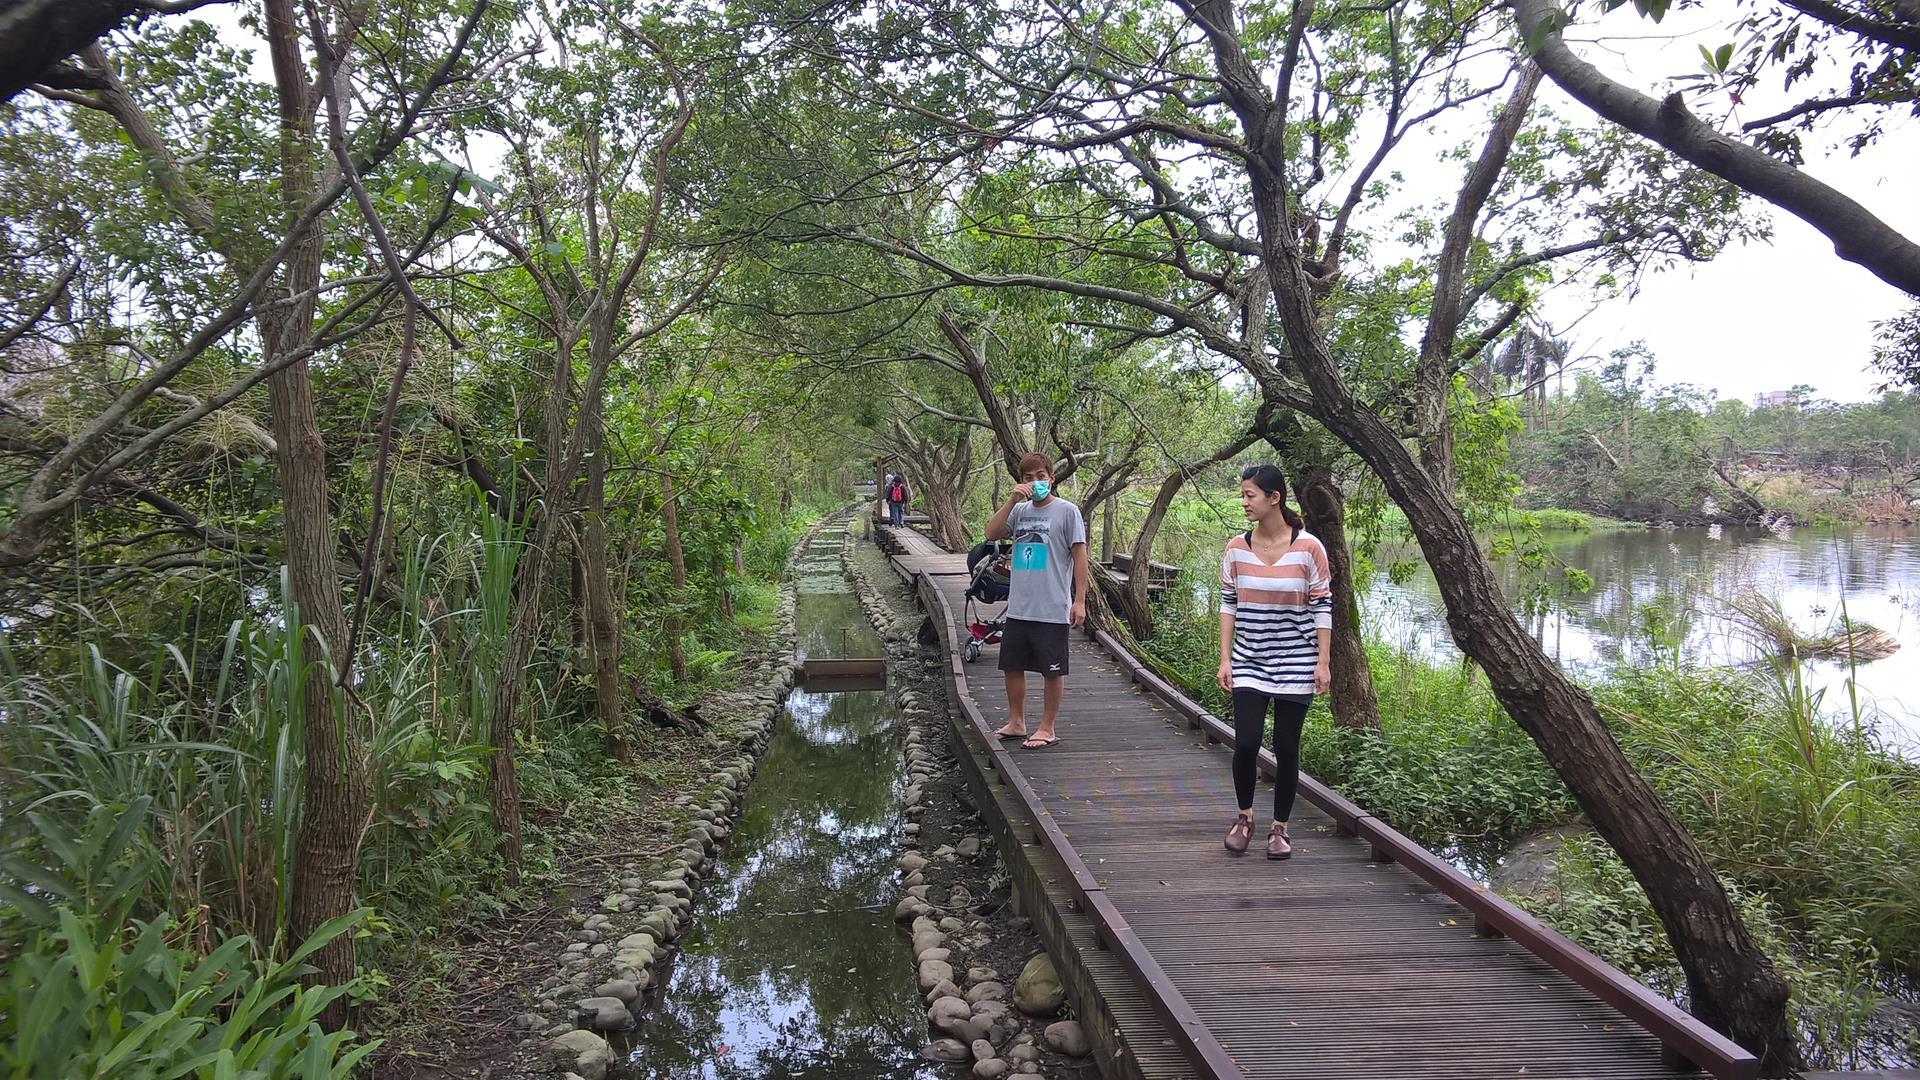 Mit meinem Taiwanesischen Bruder, seiner Frau und dem Kind beim Sightseeing